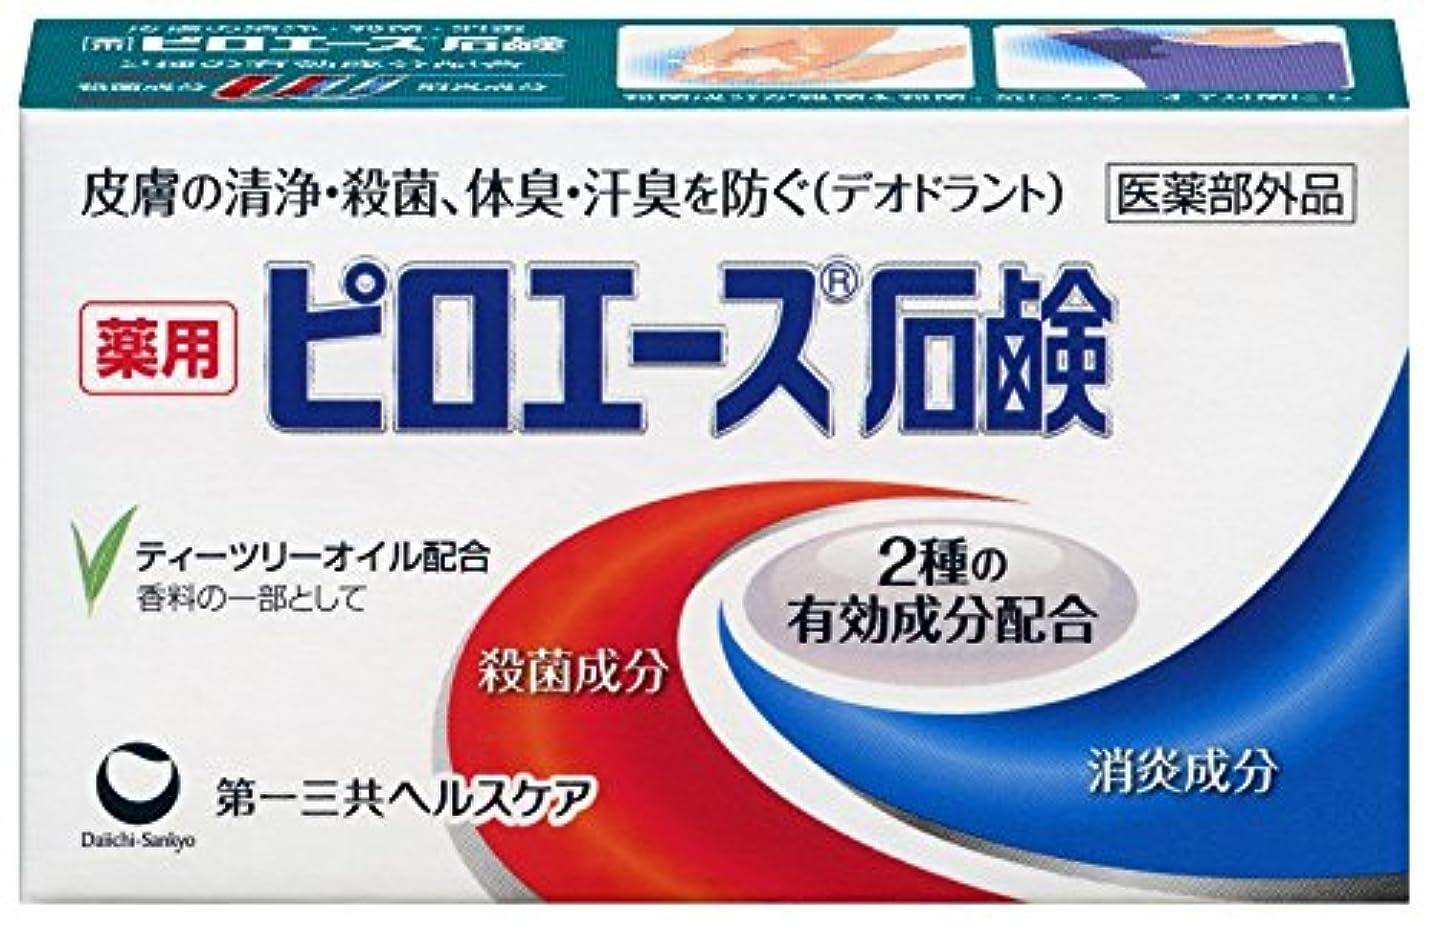 持つ裁定懐疑的第一三共ヘルスケア ピロエース石鹸 70g 【医薬部外品】